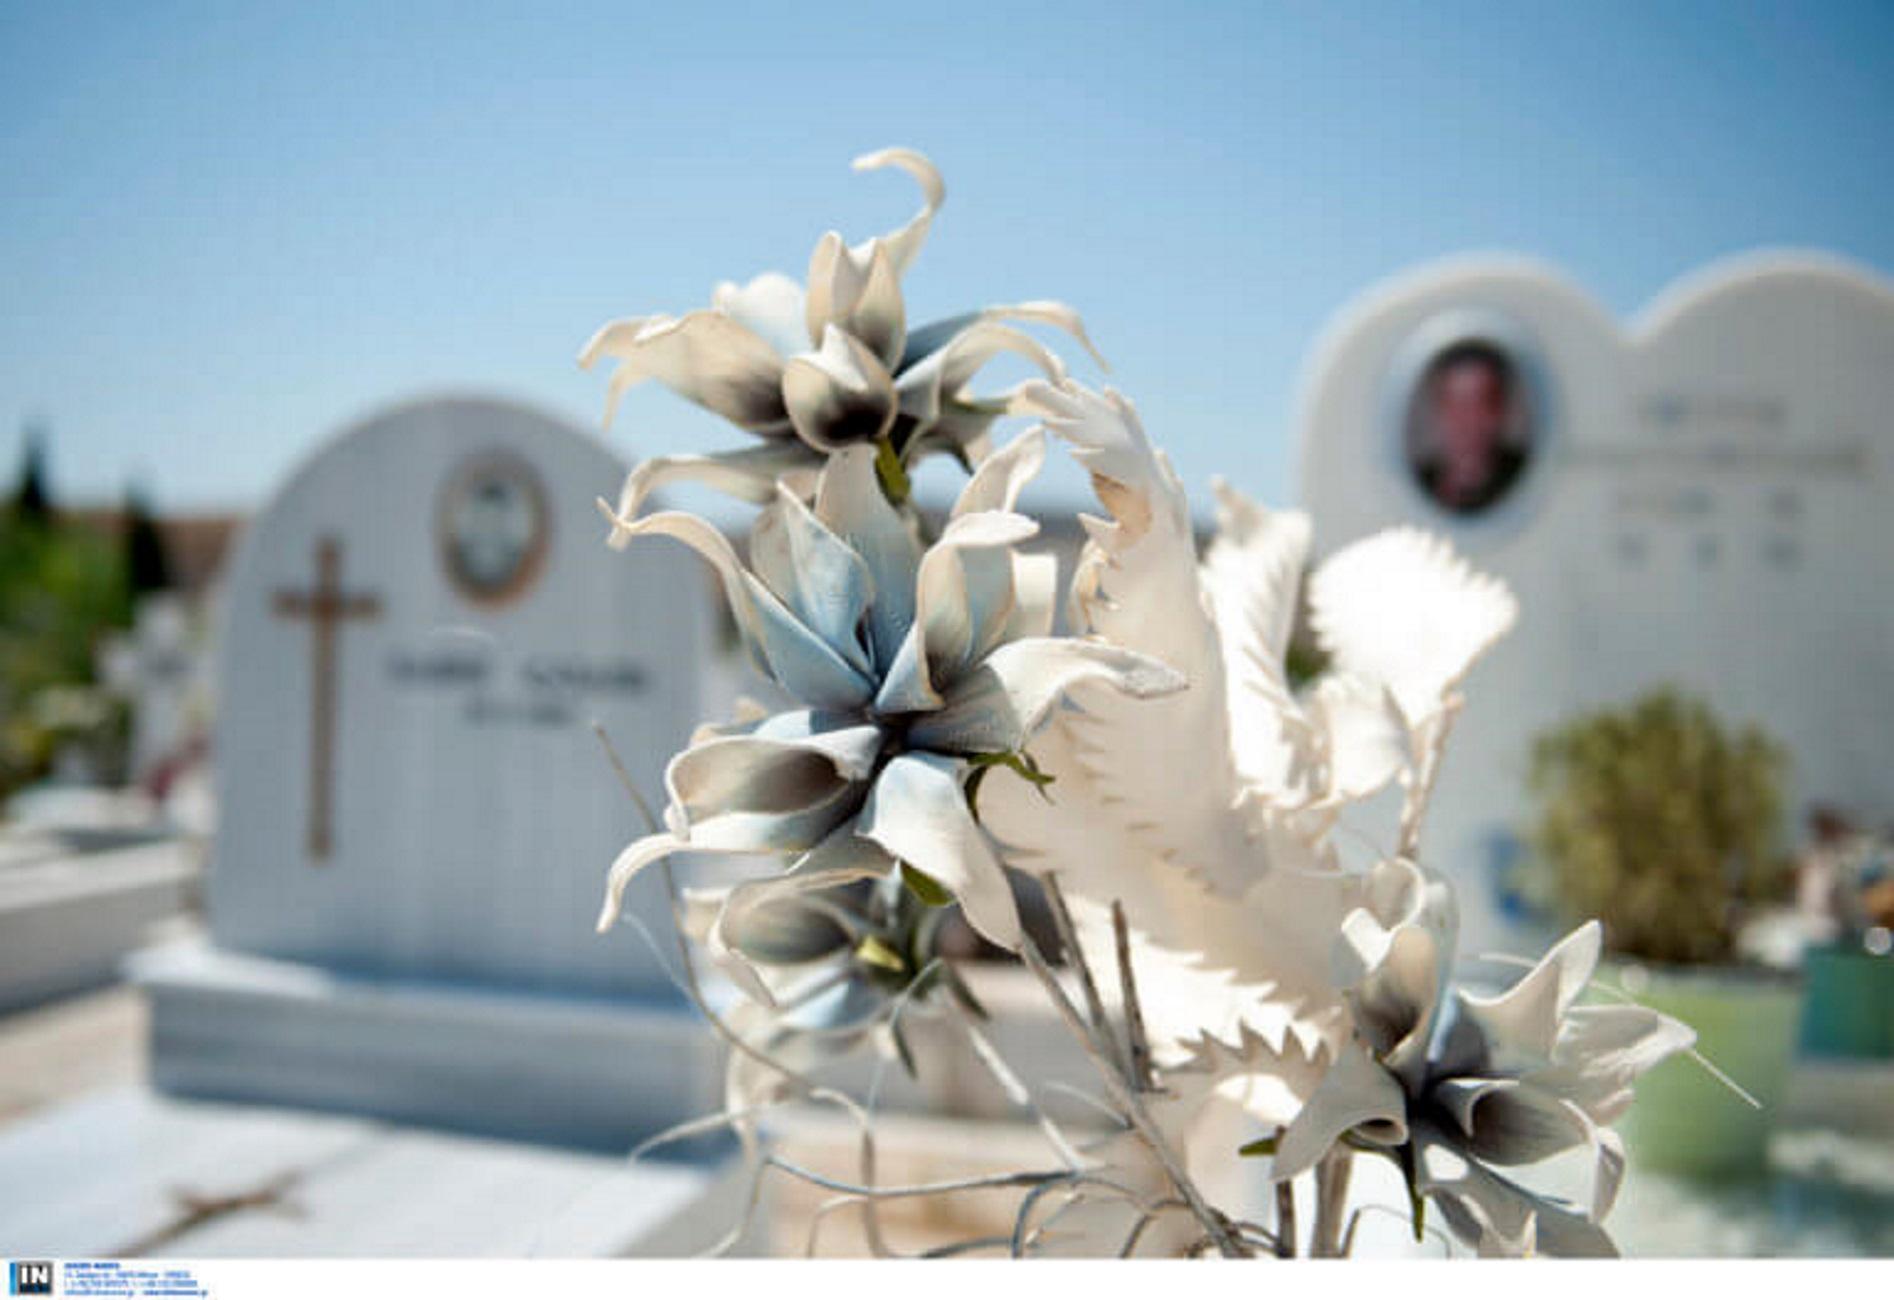 Τρίκαλα: Συνεχίζονται οι επιδρομές σε νεκροταφεία! Κλέβουν ό,τι βρίσκουν και φεύγουν ανενόχλητοι…